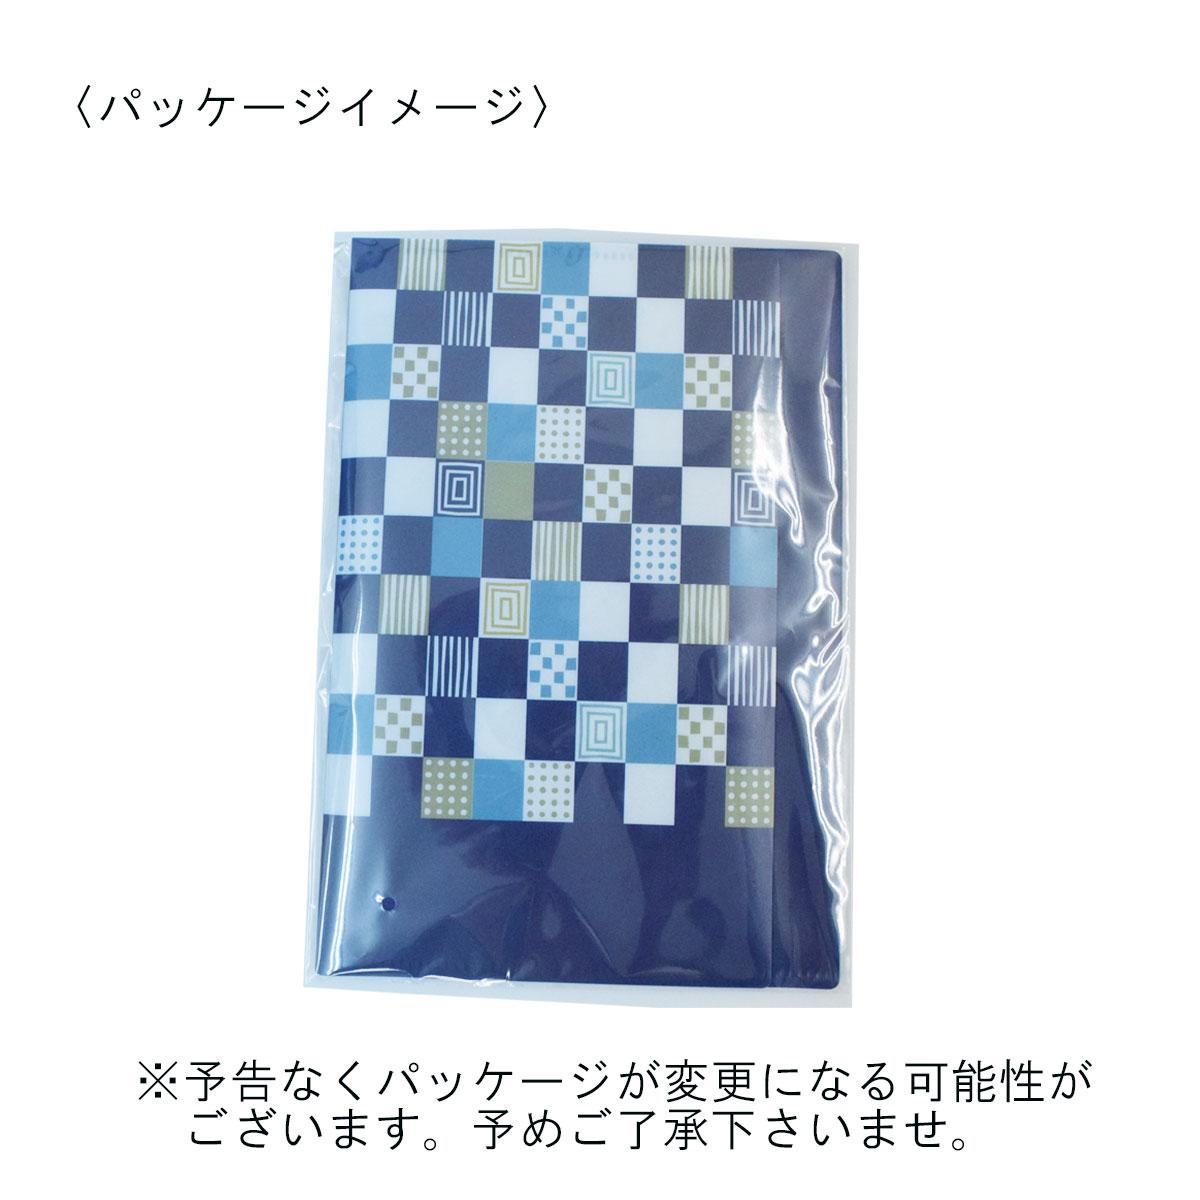 京都くろちく マルチマスクケース(抗菌仕様)